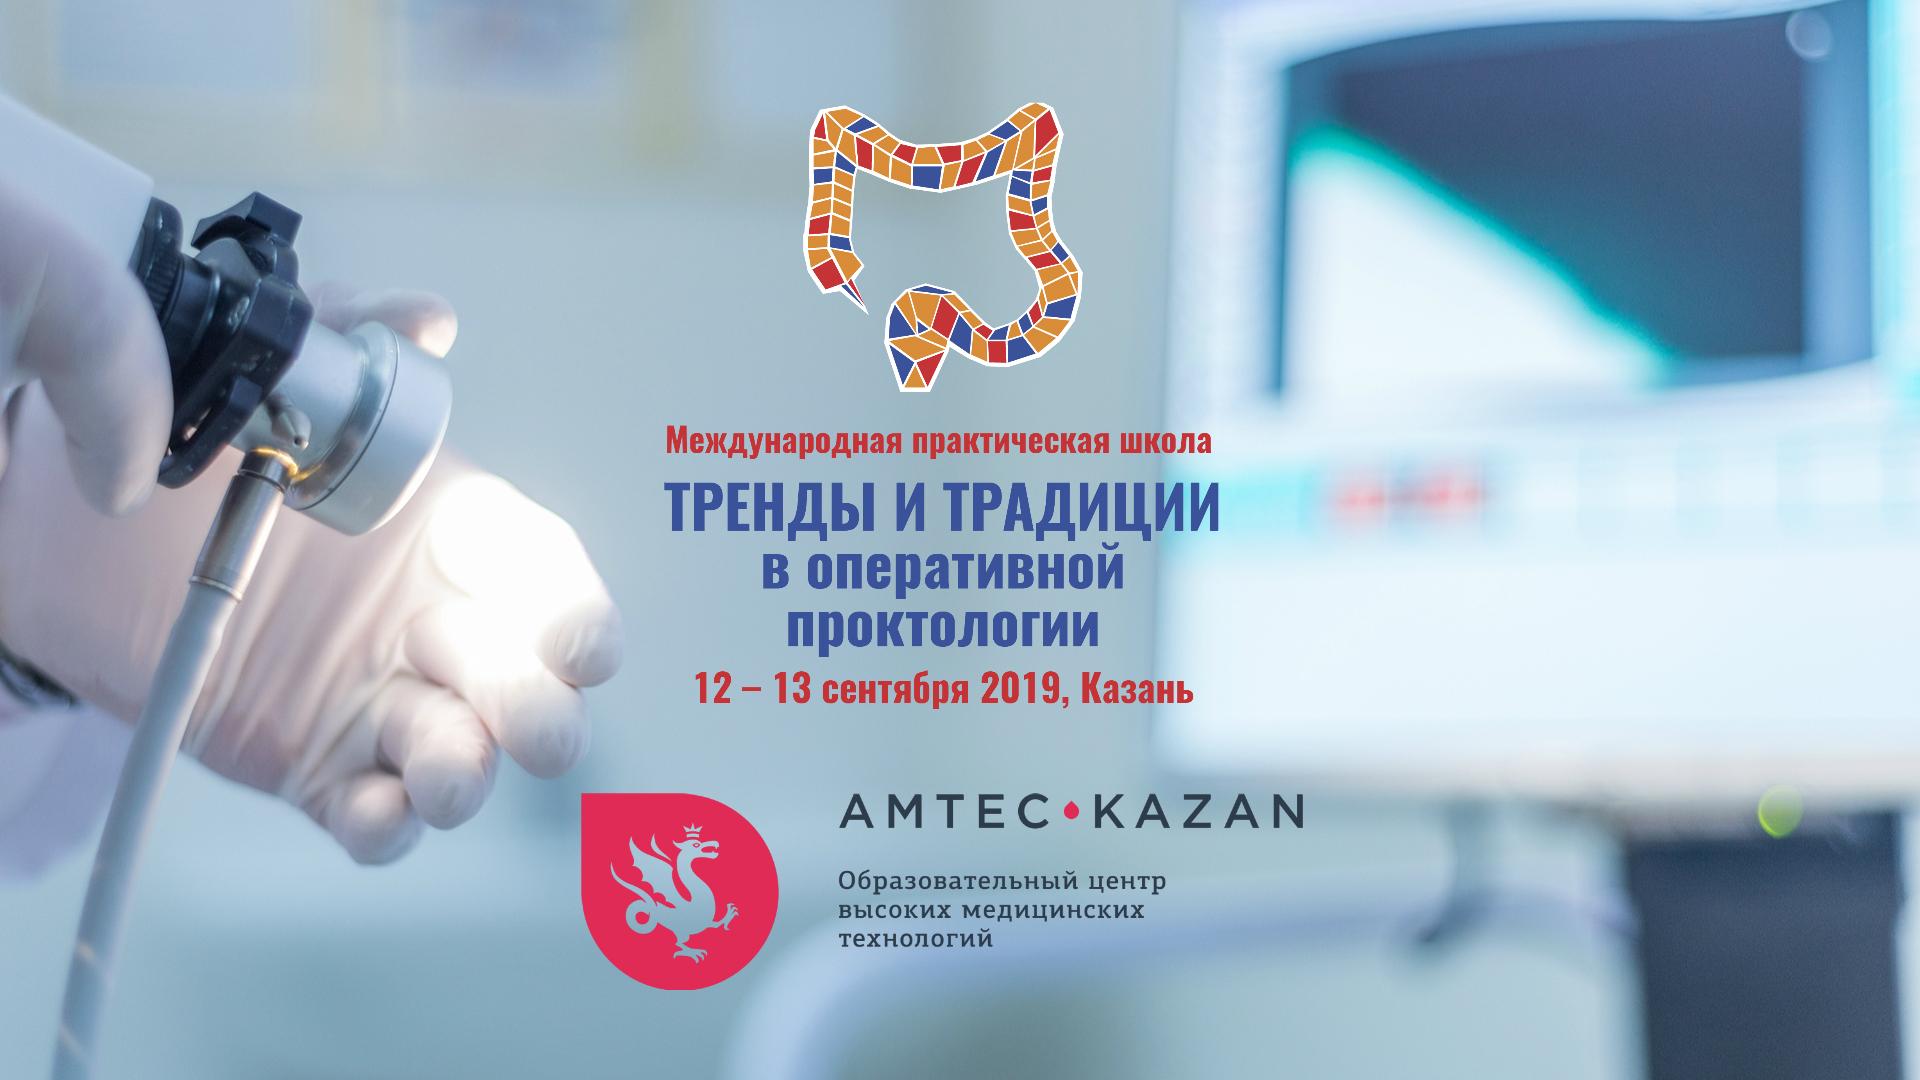 II Международная школа «Тренды и традиции в оперативной проктологии»